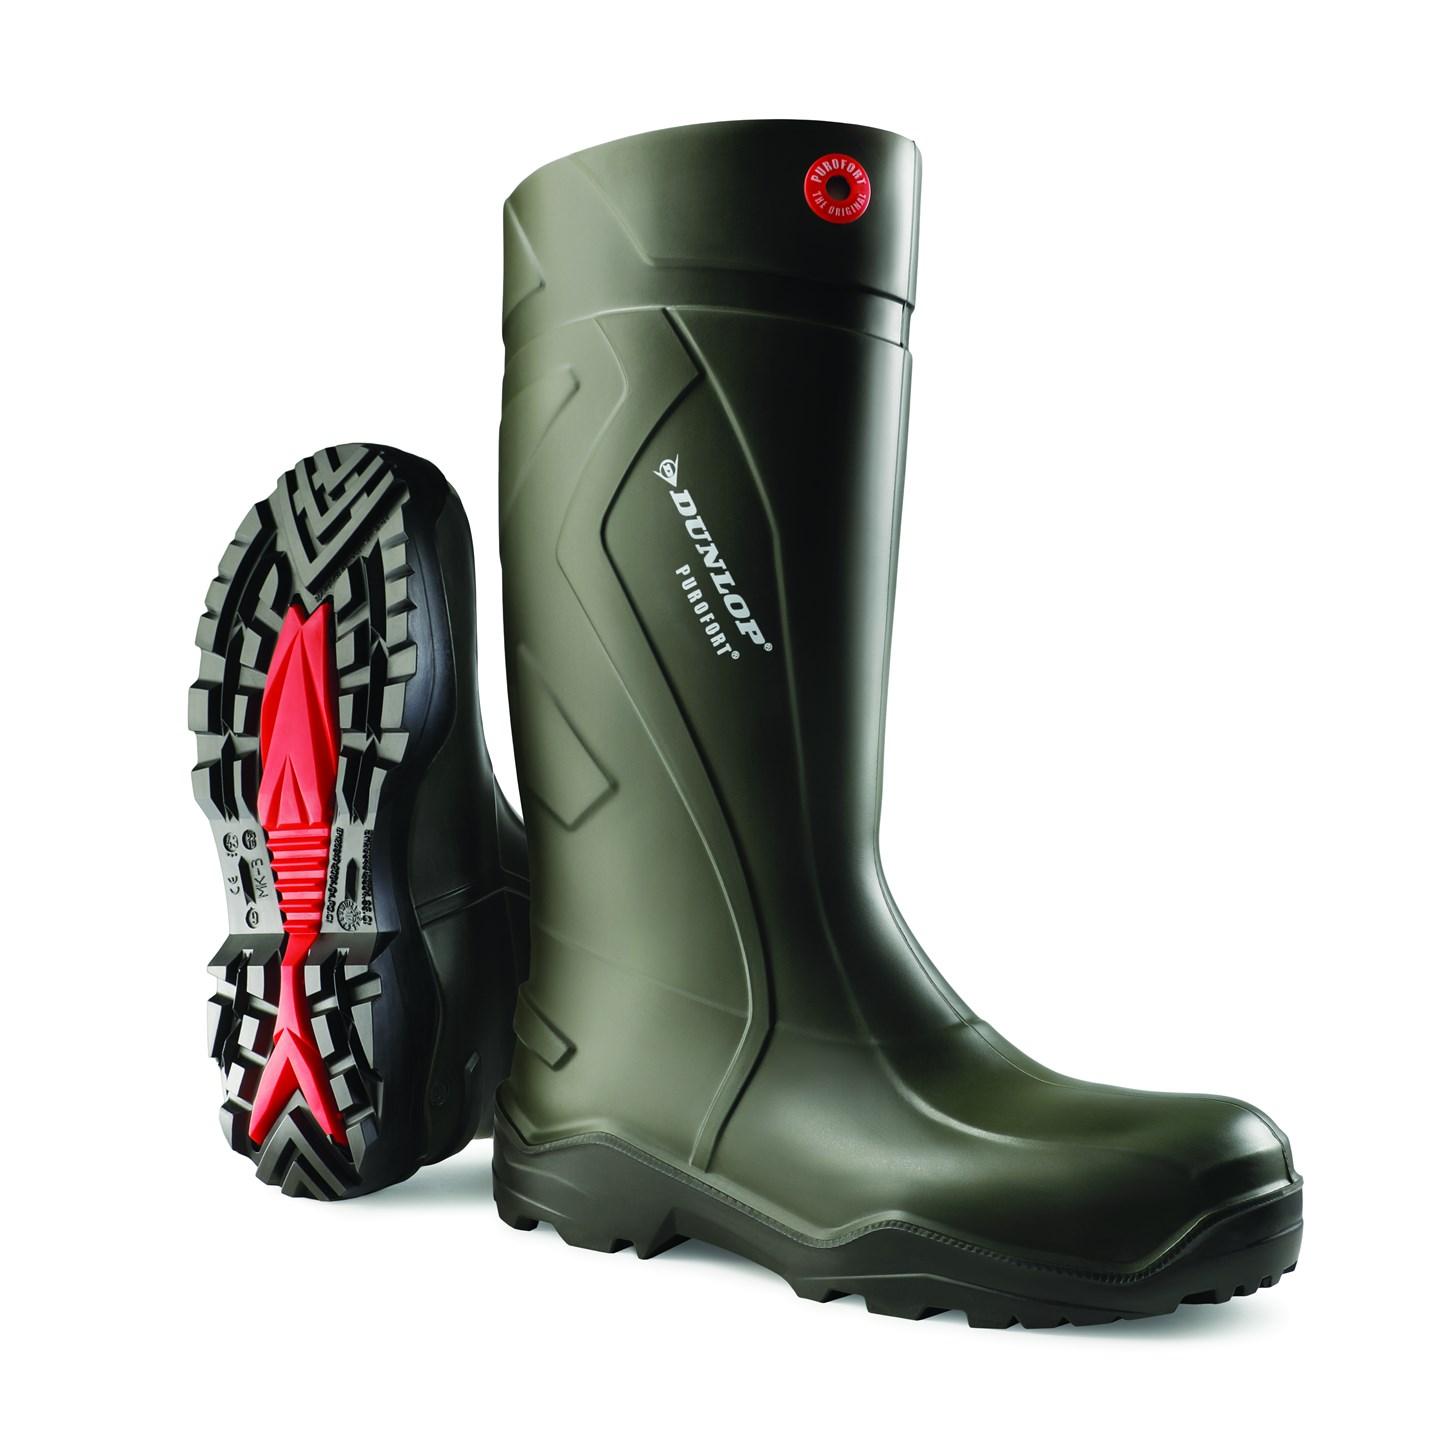 D760 Dunlop_Purofort+_300dpi_350x350mm_C